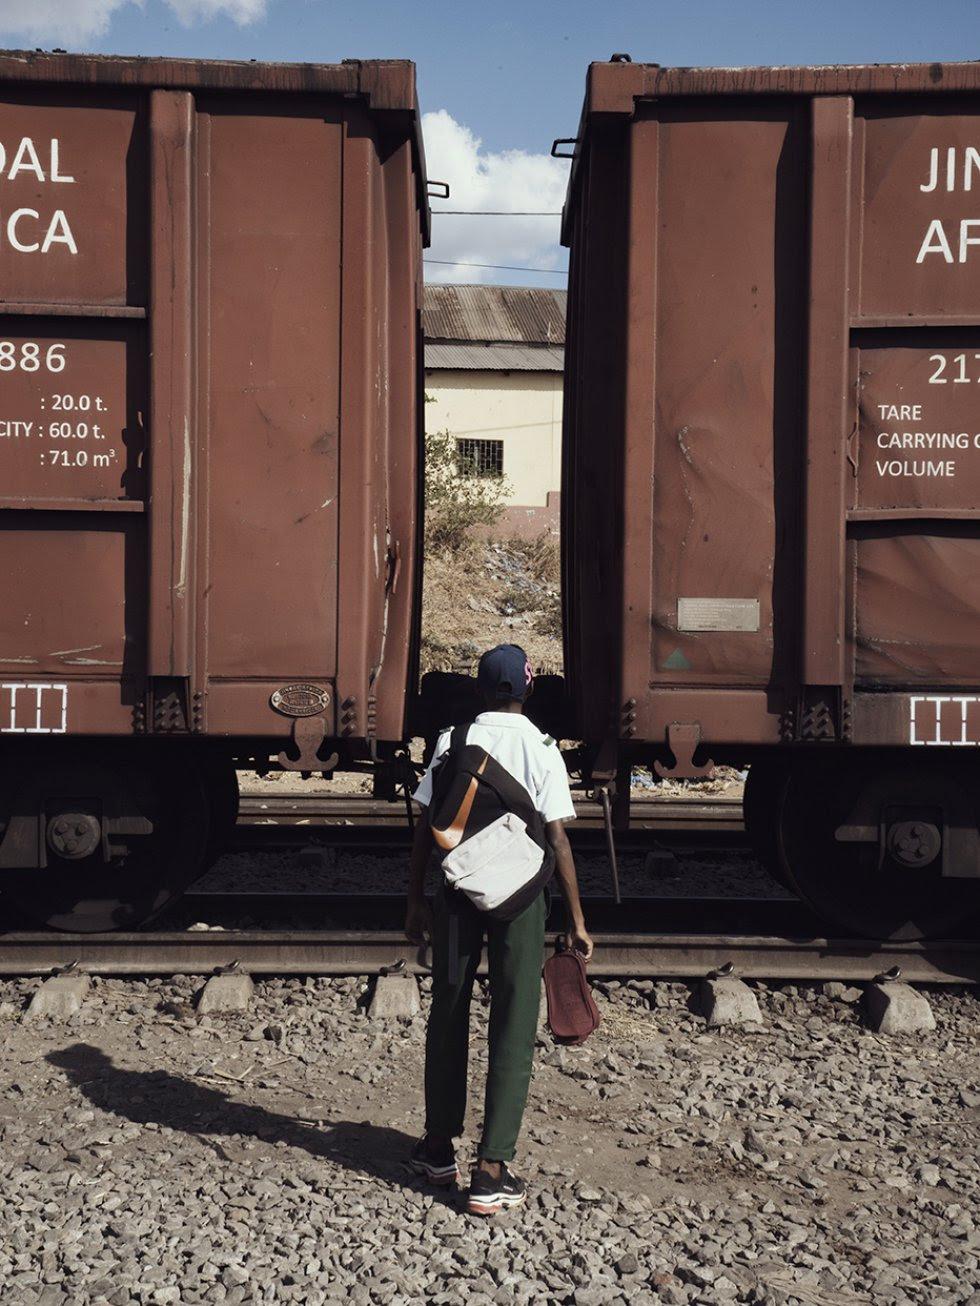 """Una vez extraído, el carbón se procesa y luego se transporta en camiones y trenes hasta el puerto de Maputo y otros sitios. Dos veces al día, los trenes """"cortan"""" las aldeas contribuyendo a la dispersión del polvo de carbón en el camino."""